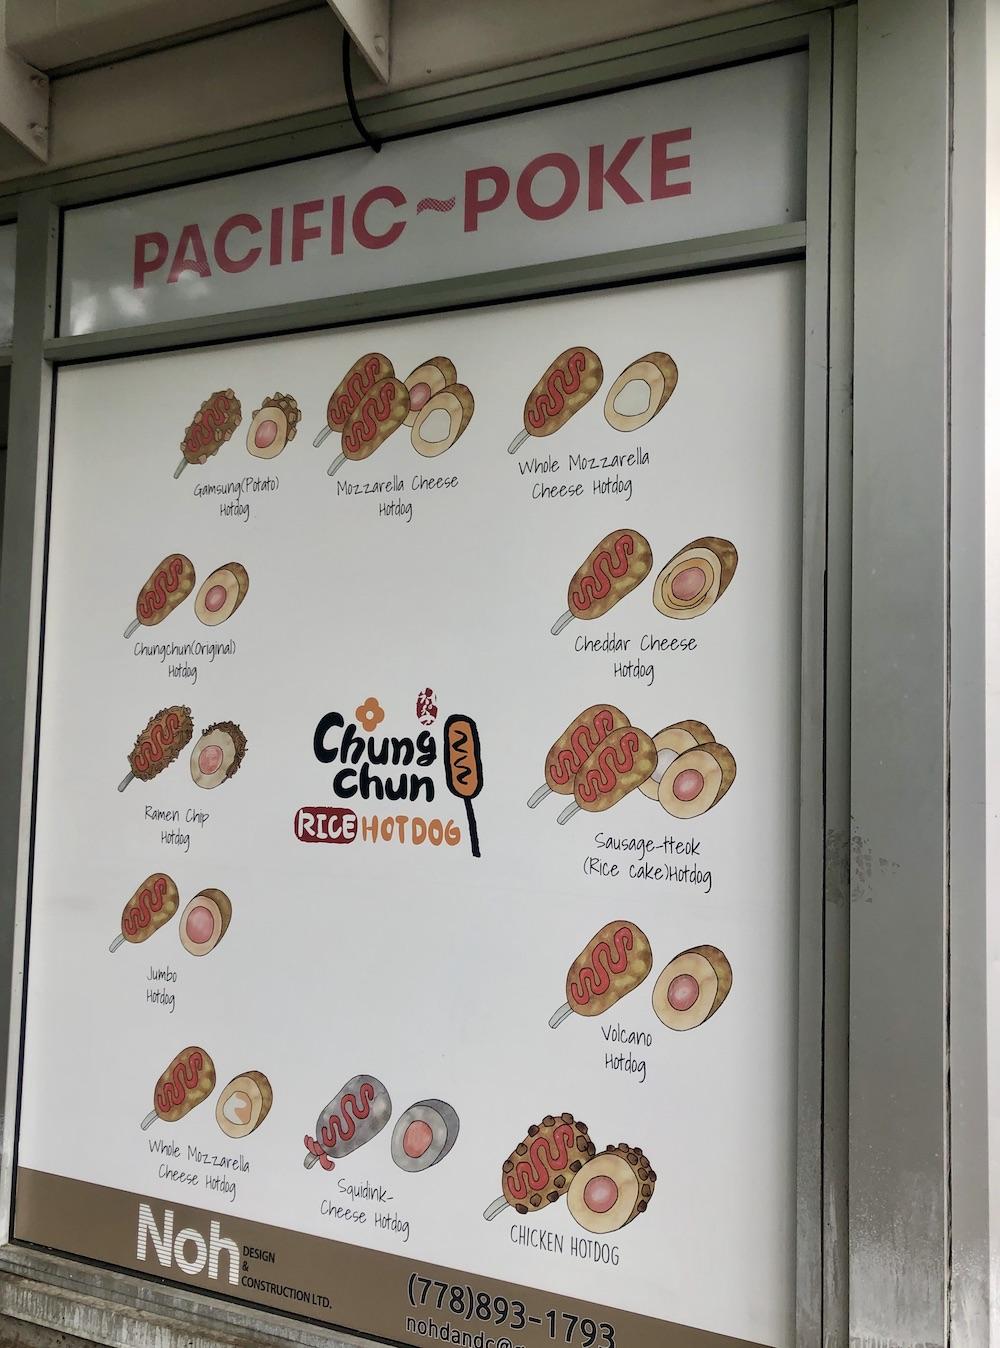 Chung Chun